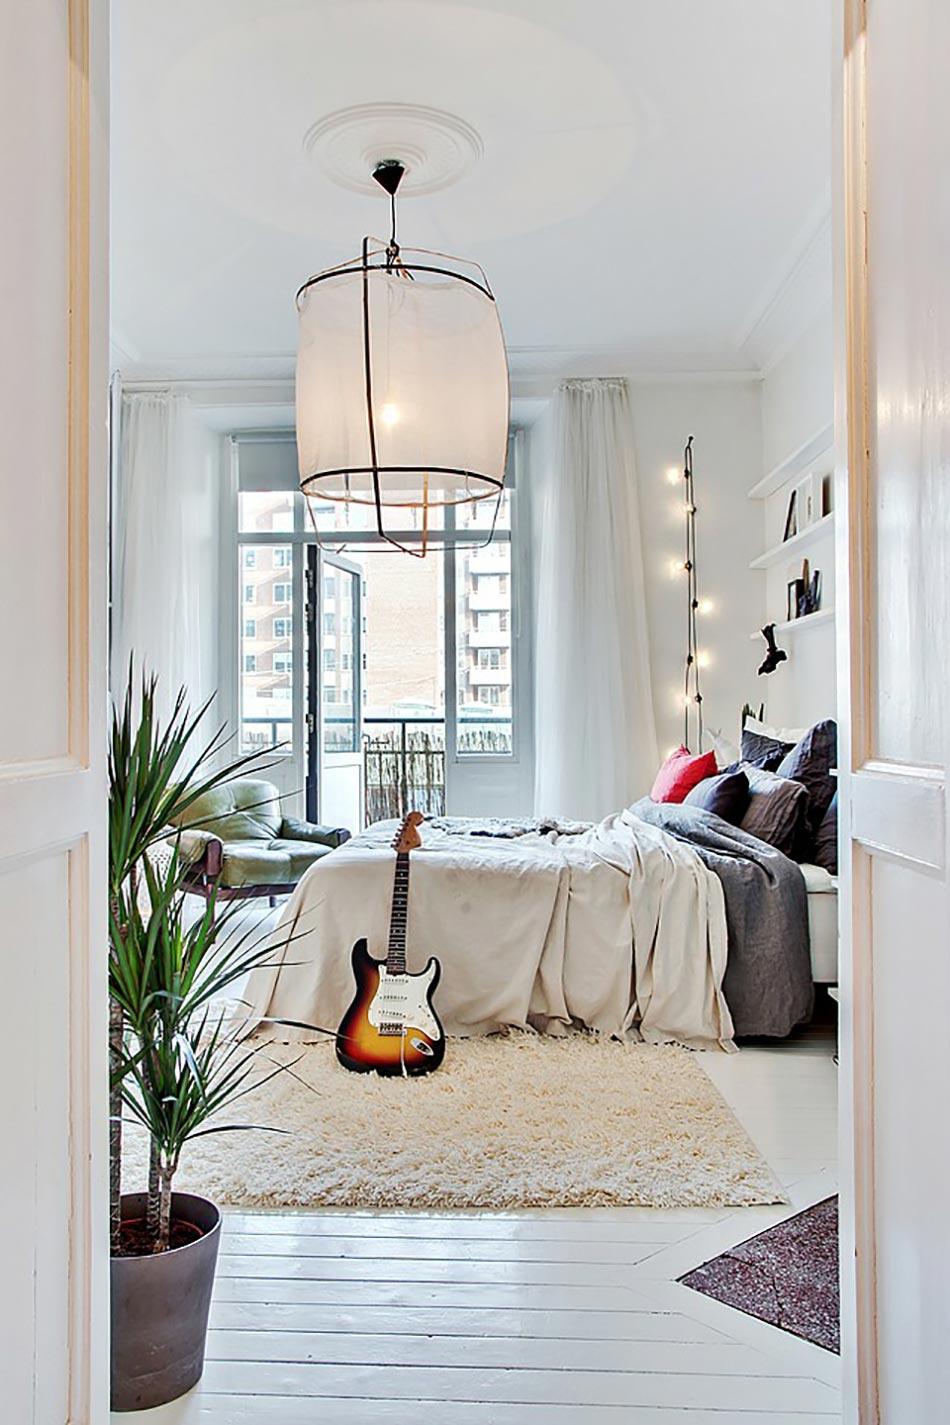 une d coration d int rieur inspir e par la musique. Black Bedroom Furniture Sets. Home Design Ideas